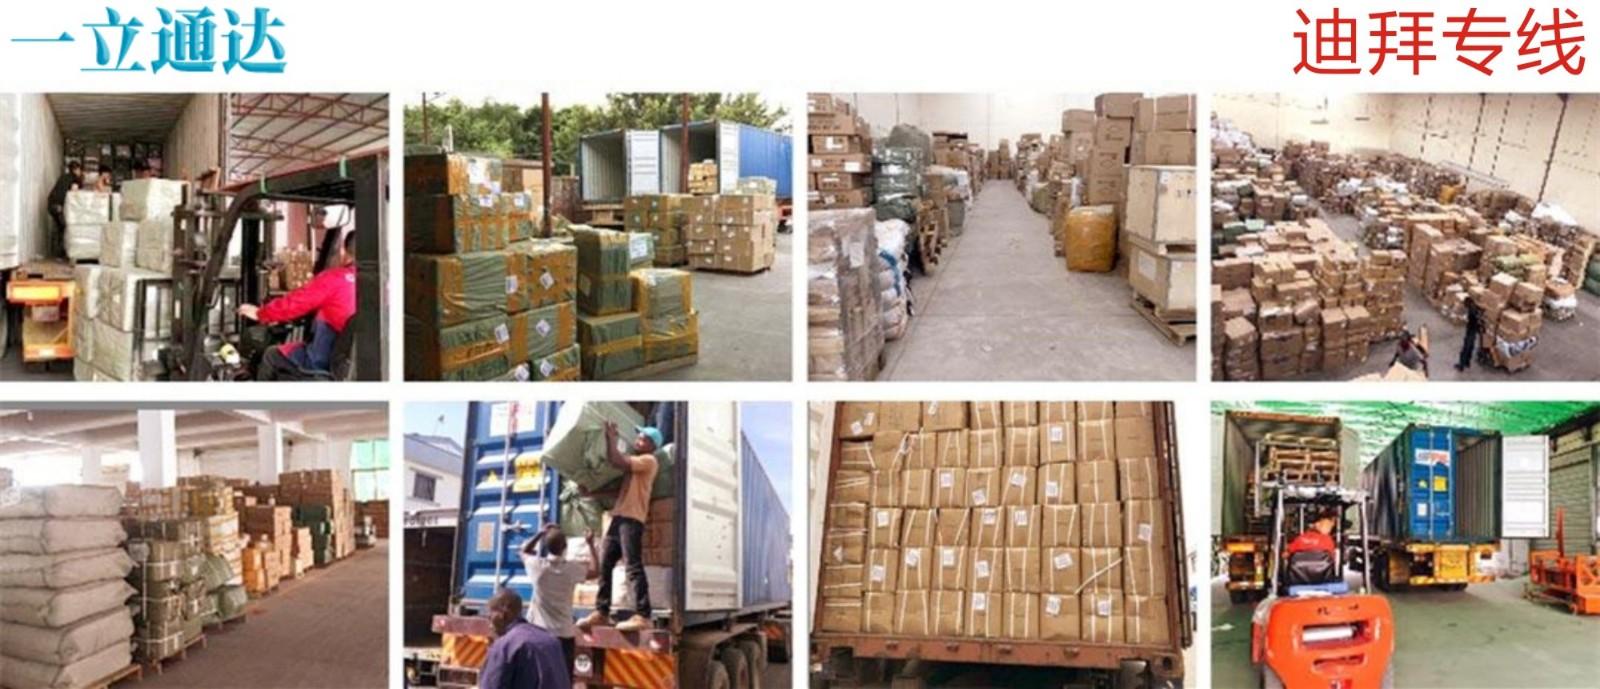 中东电商物流-中国到迪拜快递价格-深圳一立通达国际物流有限公司